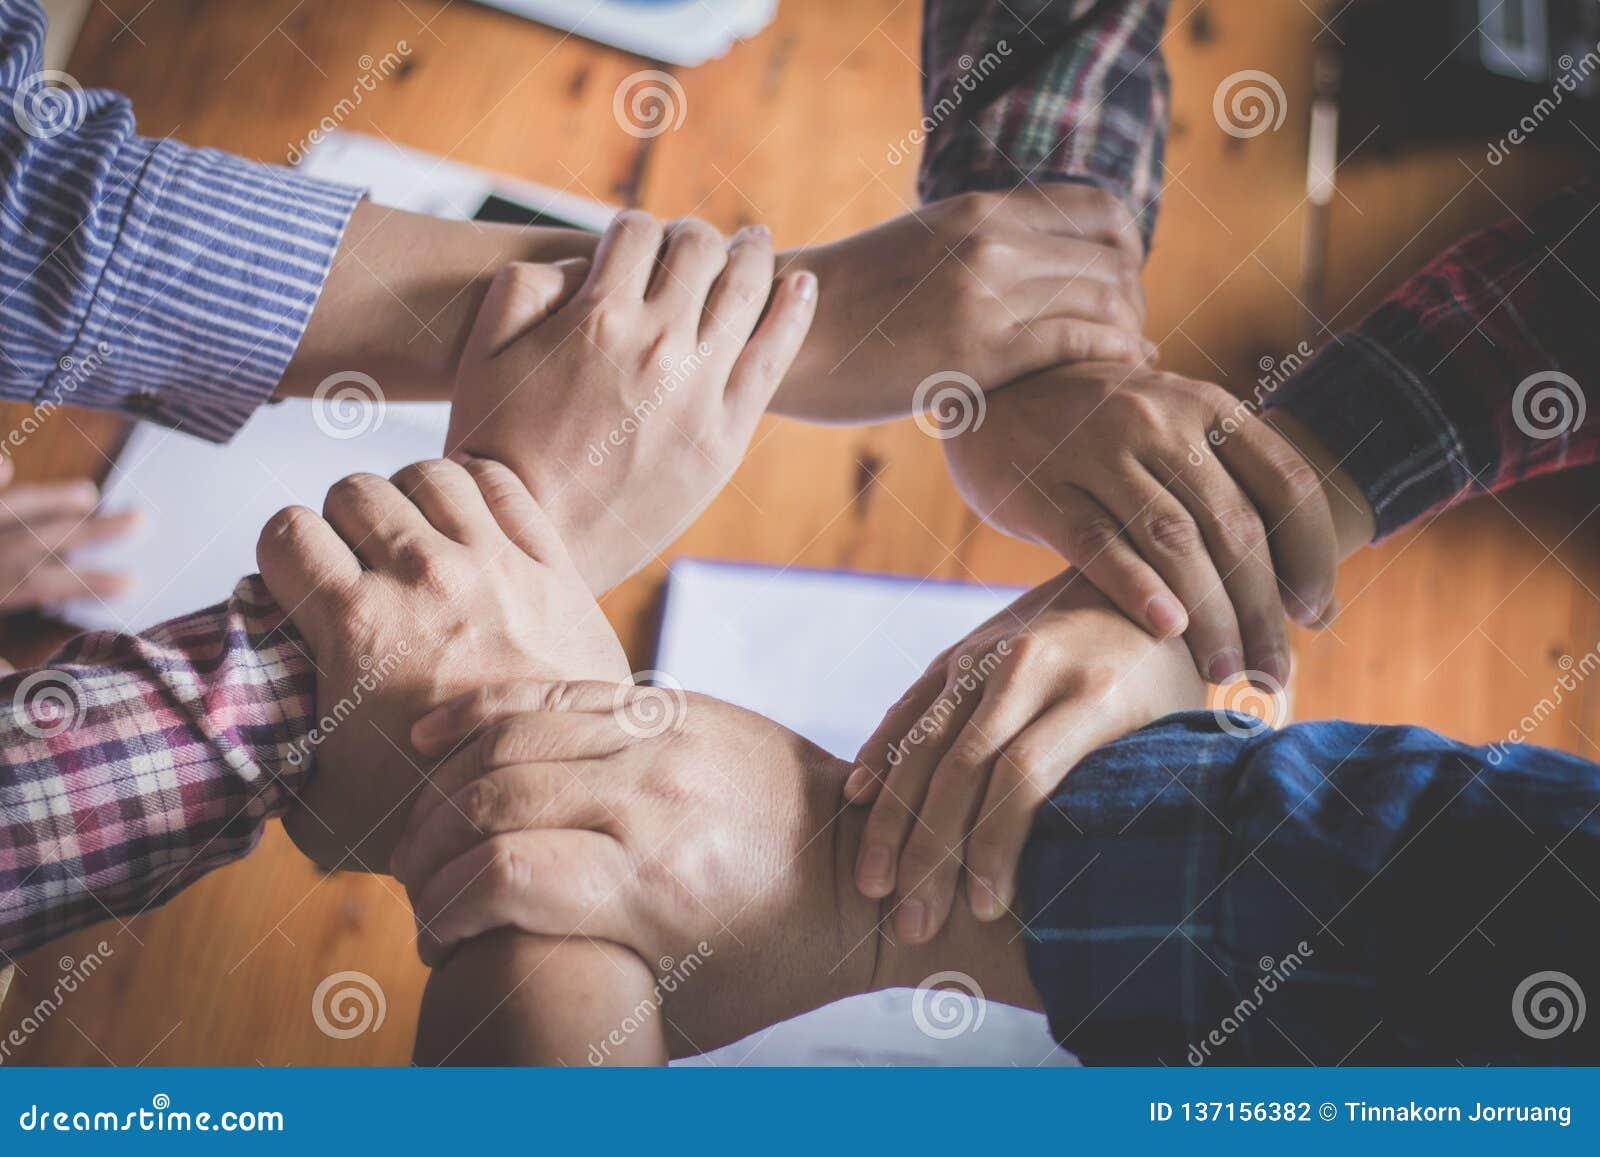 Equipo joven que pone las manos para el nuevo inicio en oficina creativa, el Co-trabajo de Team Teamwork Togetherness Collaborati